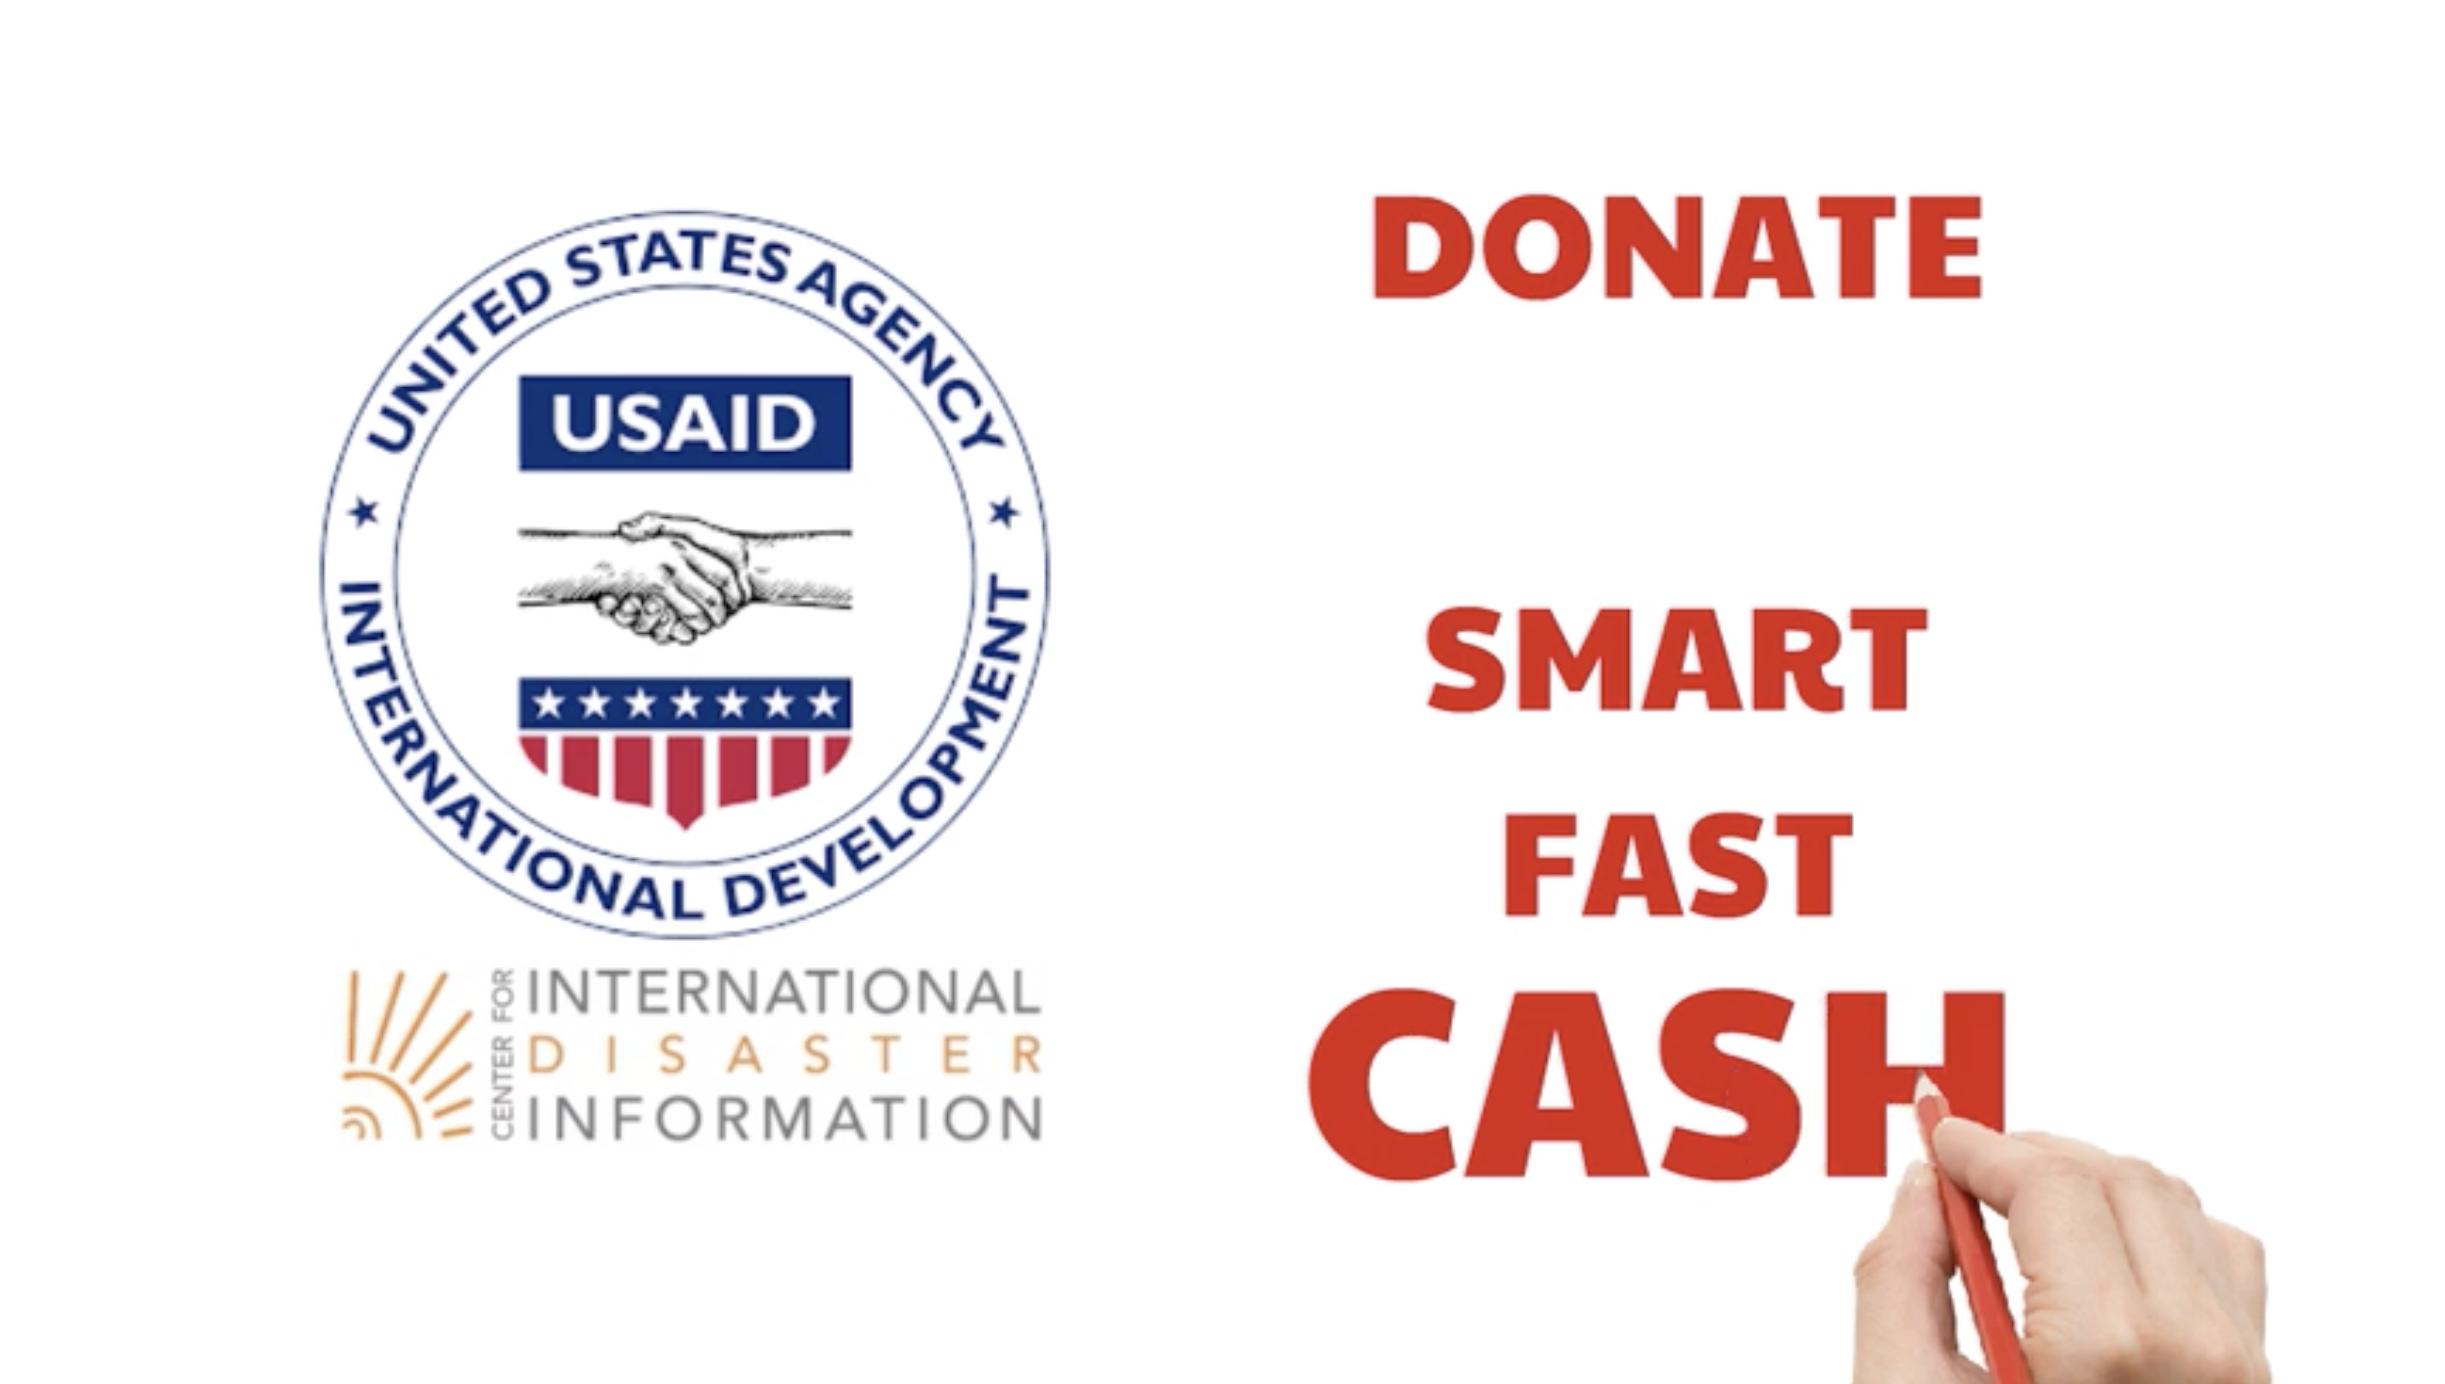 Donate Smart, Fast. Donate Cash